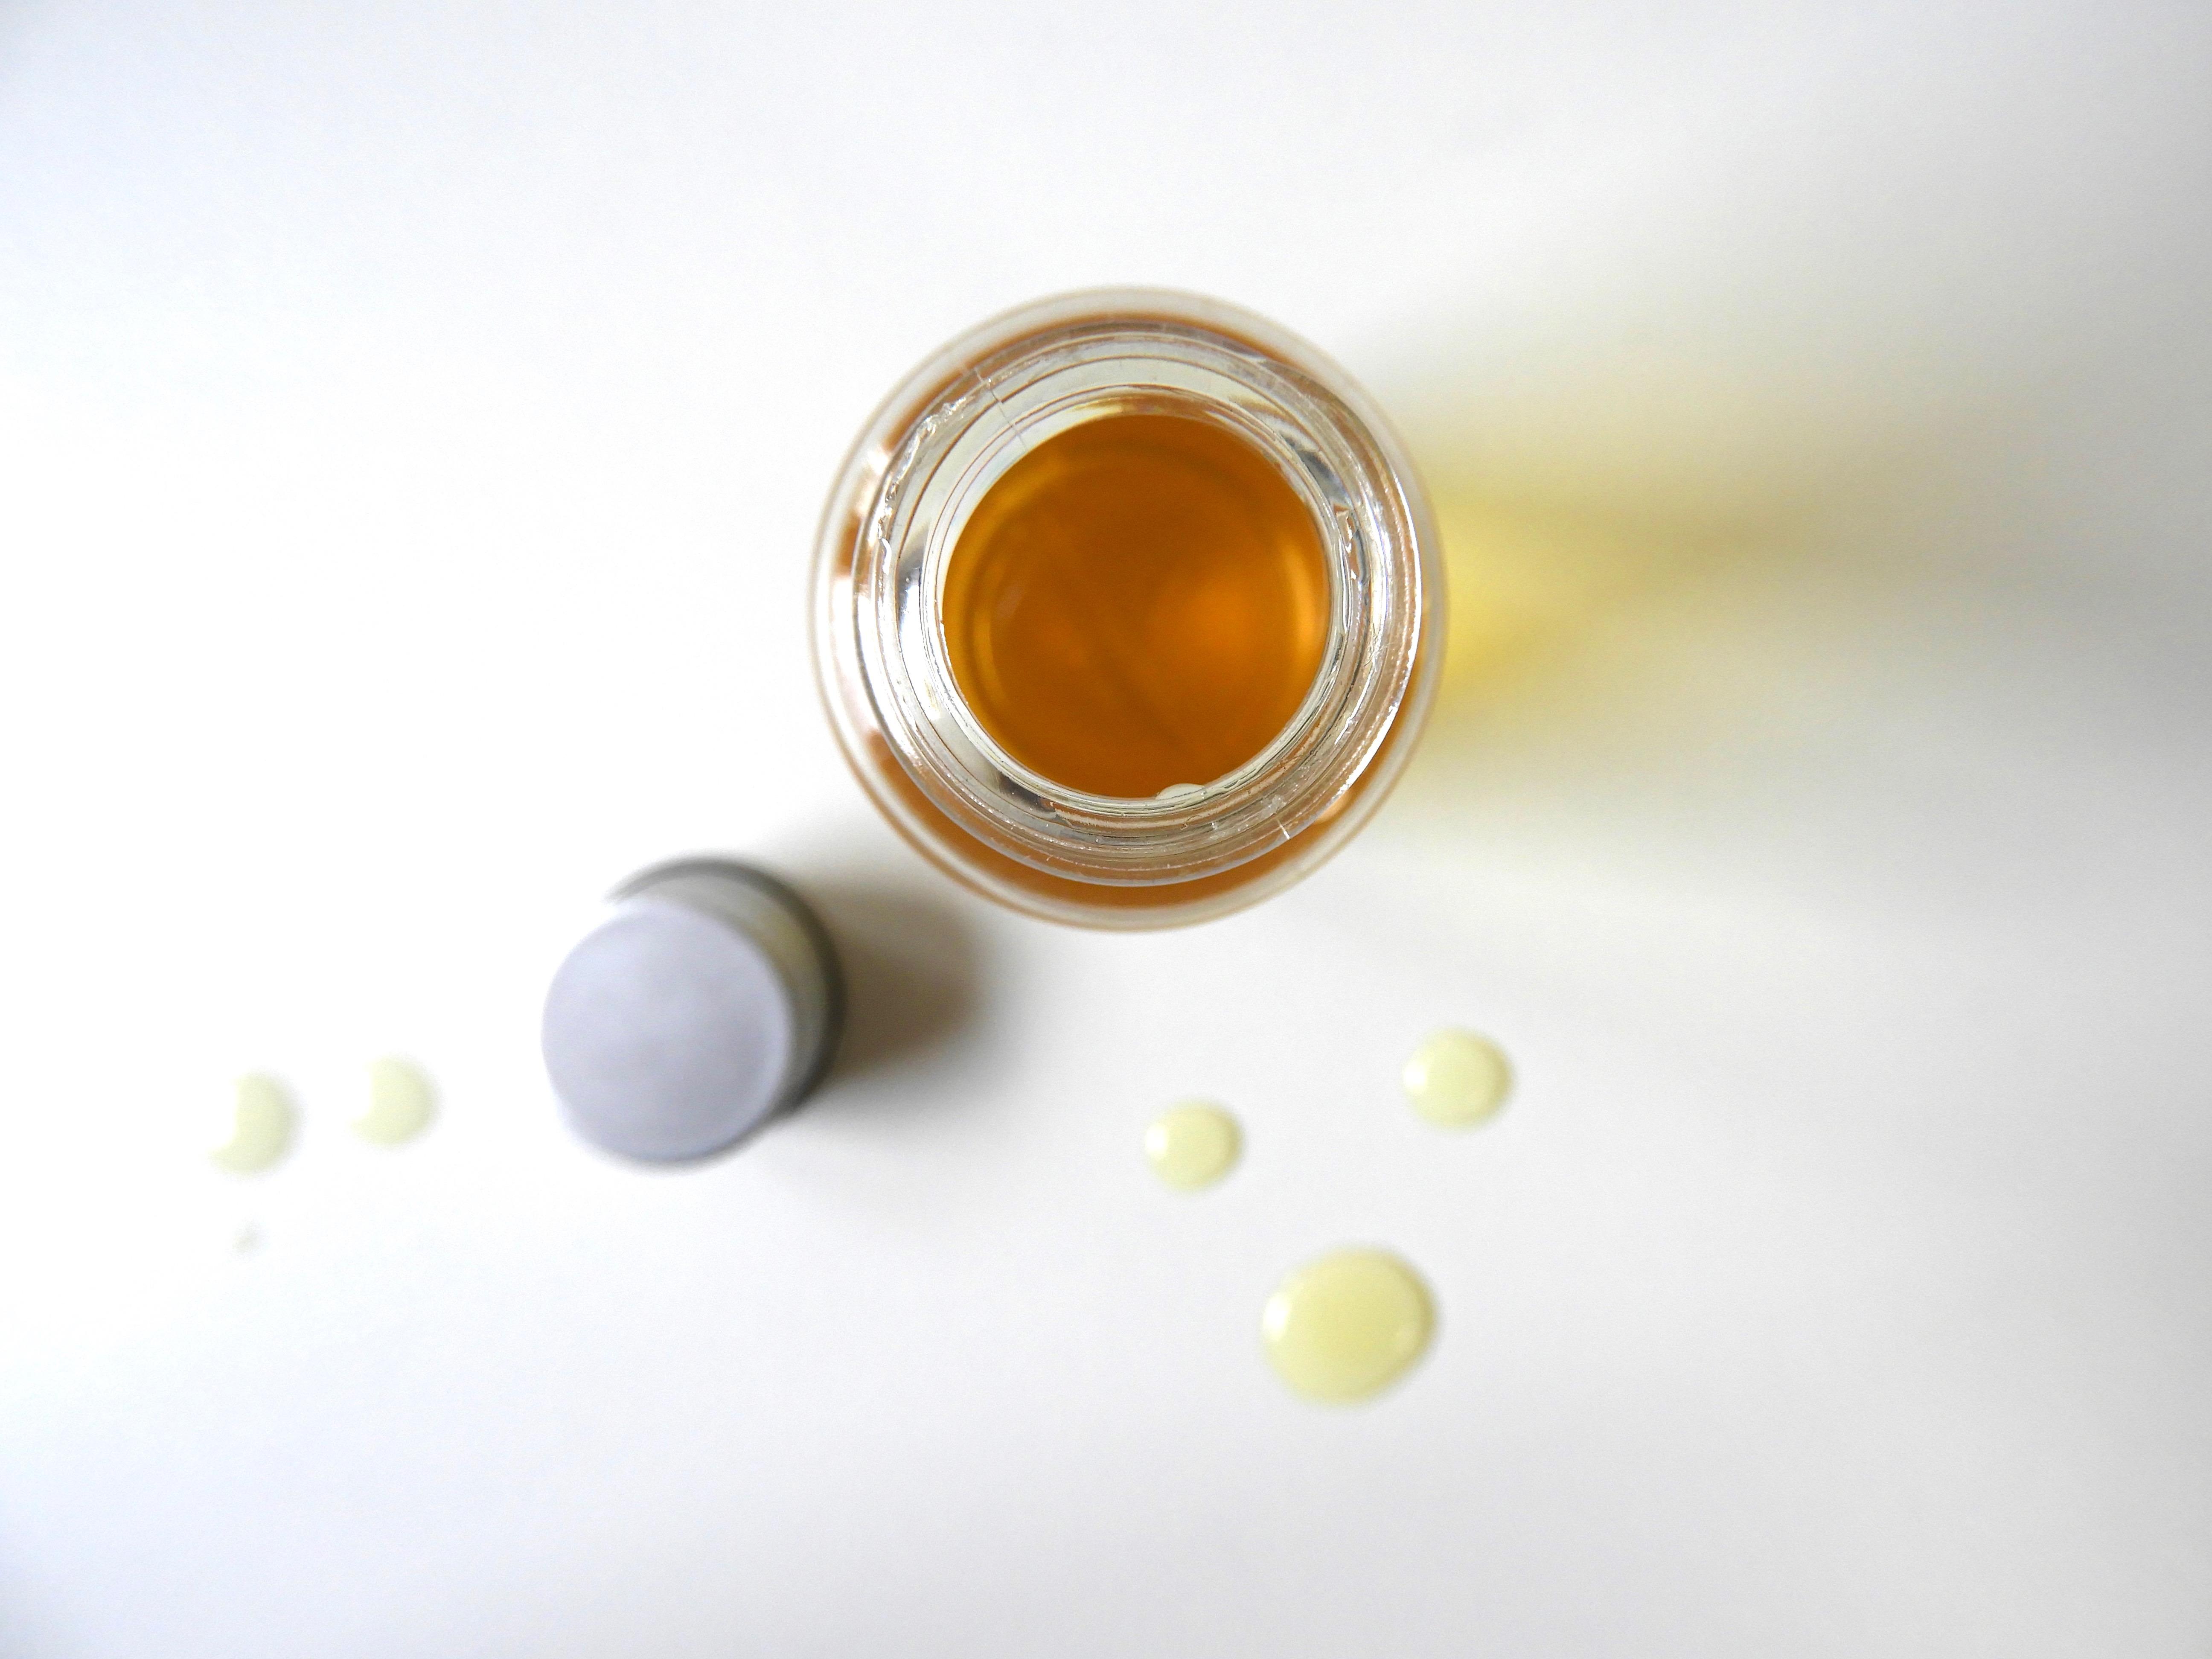 Dišave in eterična olja